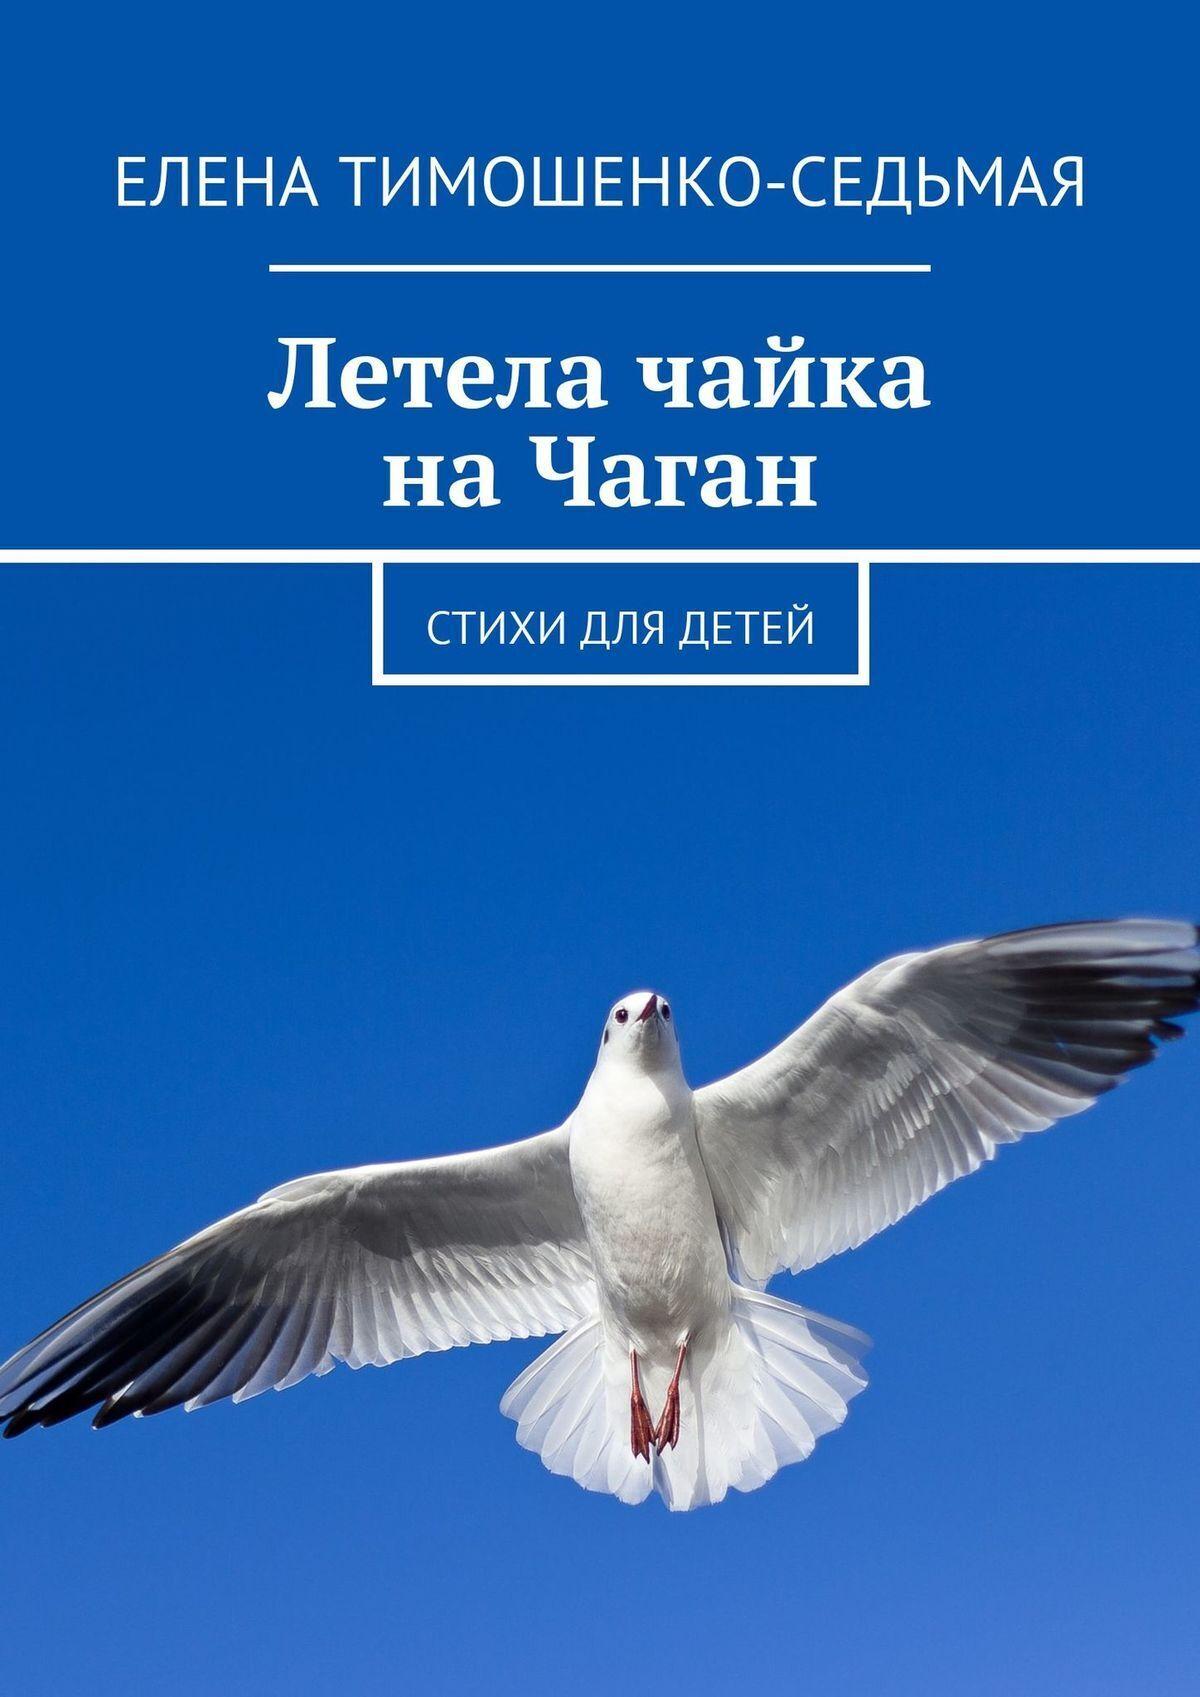 Елена Тимошенко-Седьмая Летела чайка на Чаган. Стихи для детей светлана чайка стихи о…